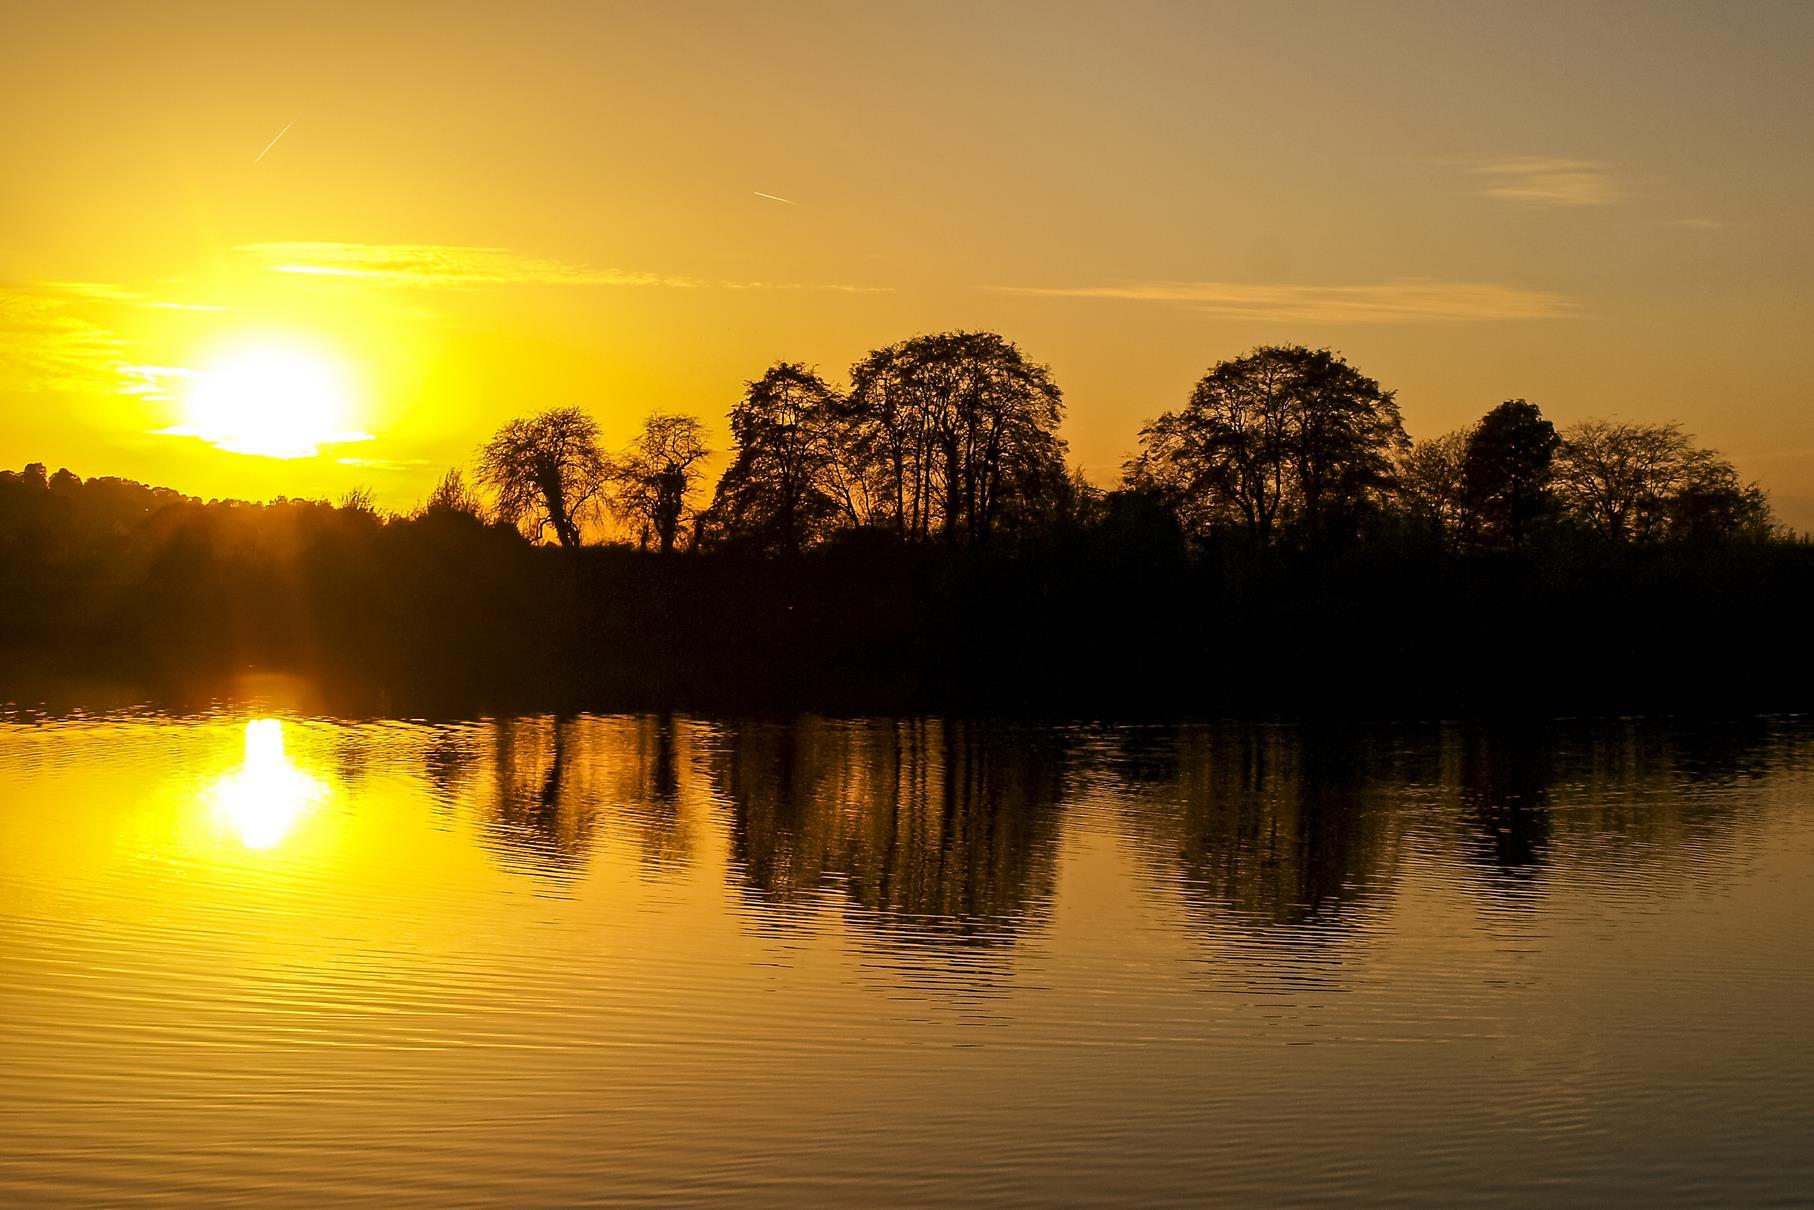 Sonnenuntergang am östlichen Teich.